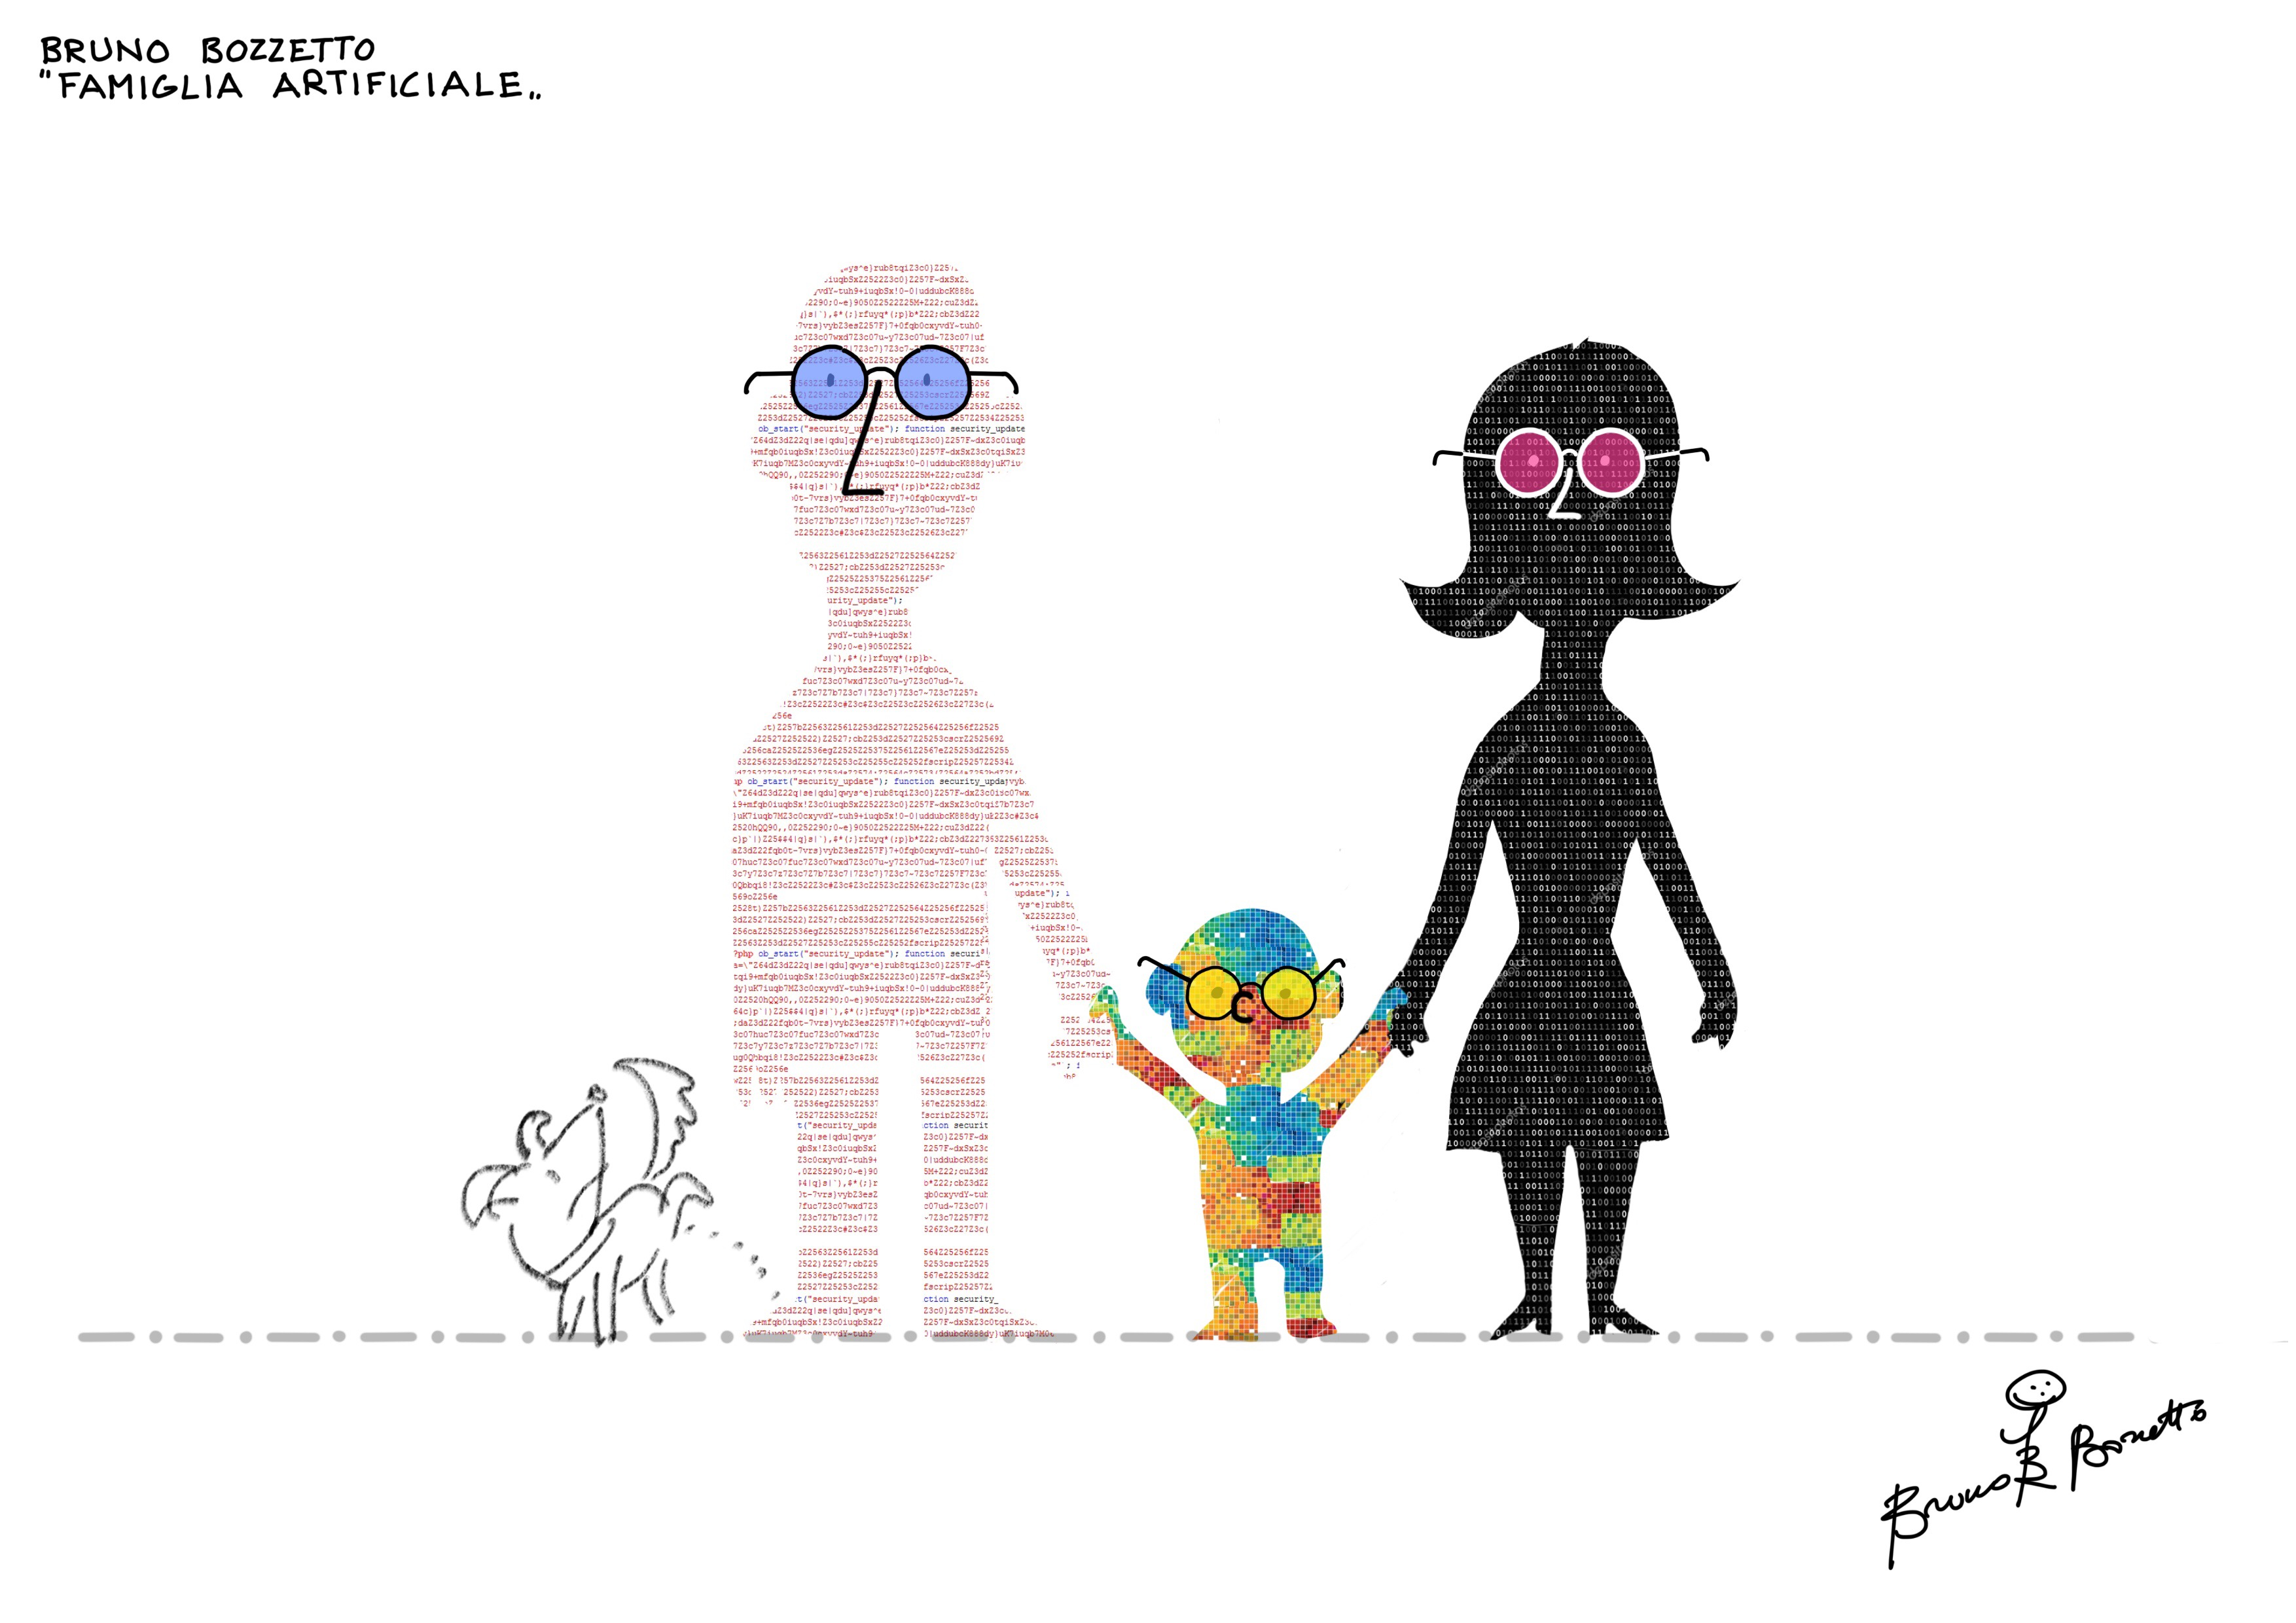 famiglia-artificiale